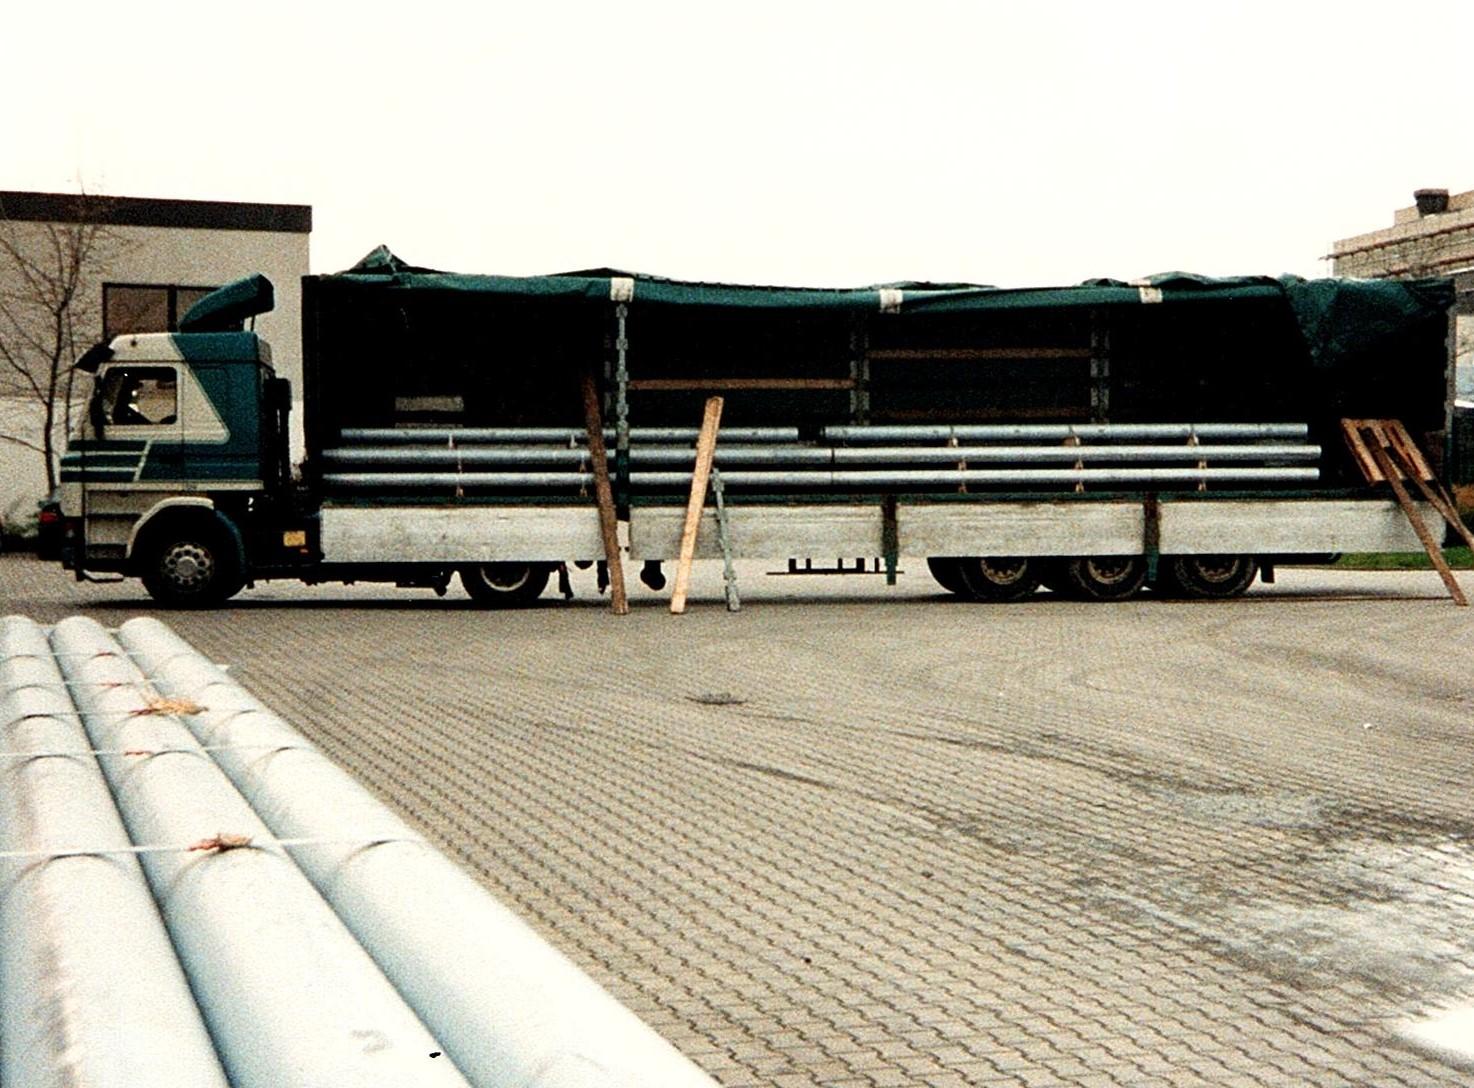 Bert-met-de-Scania-vakantie-vieren-in-Italie-47